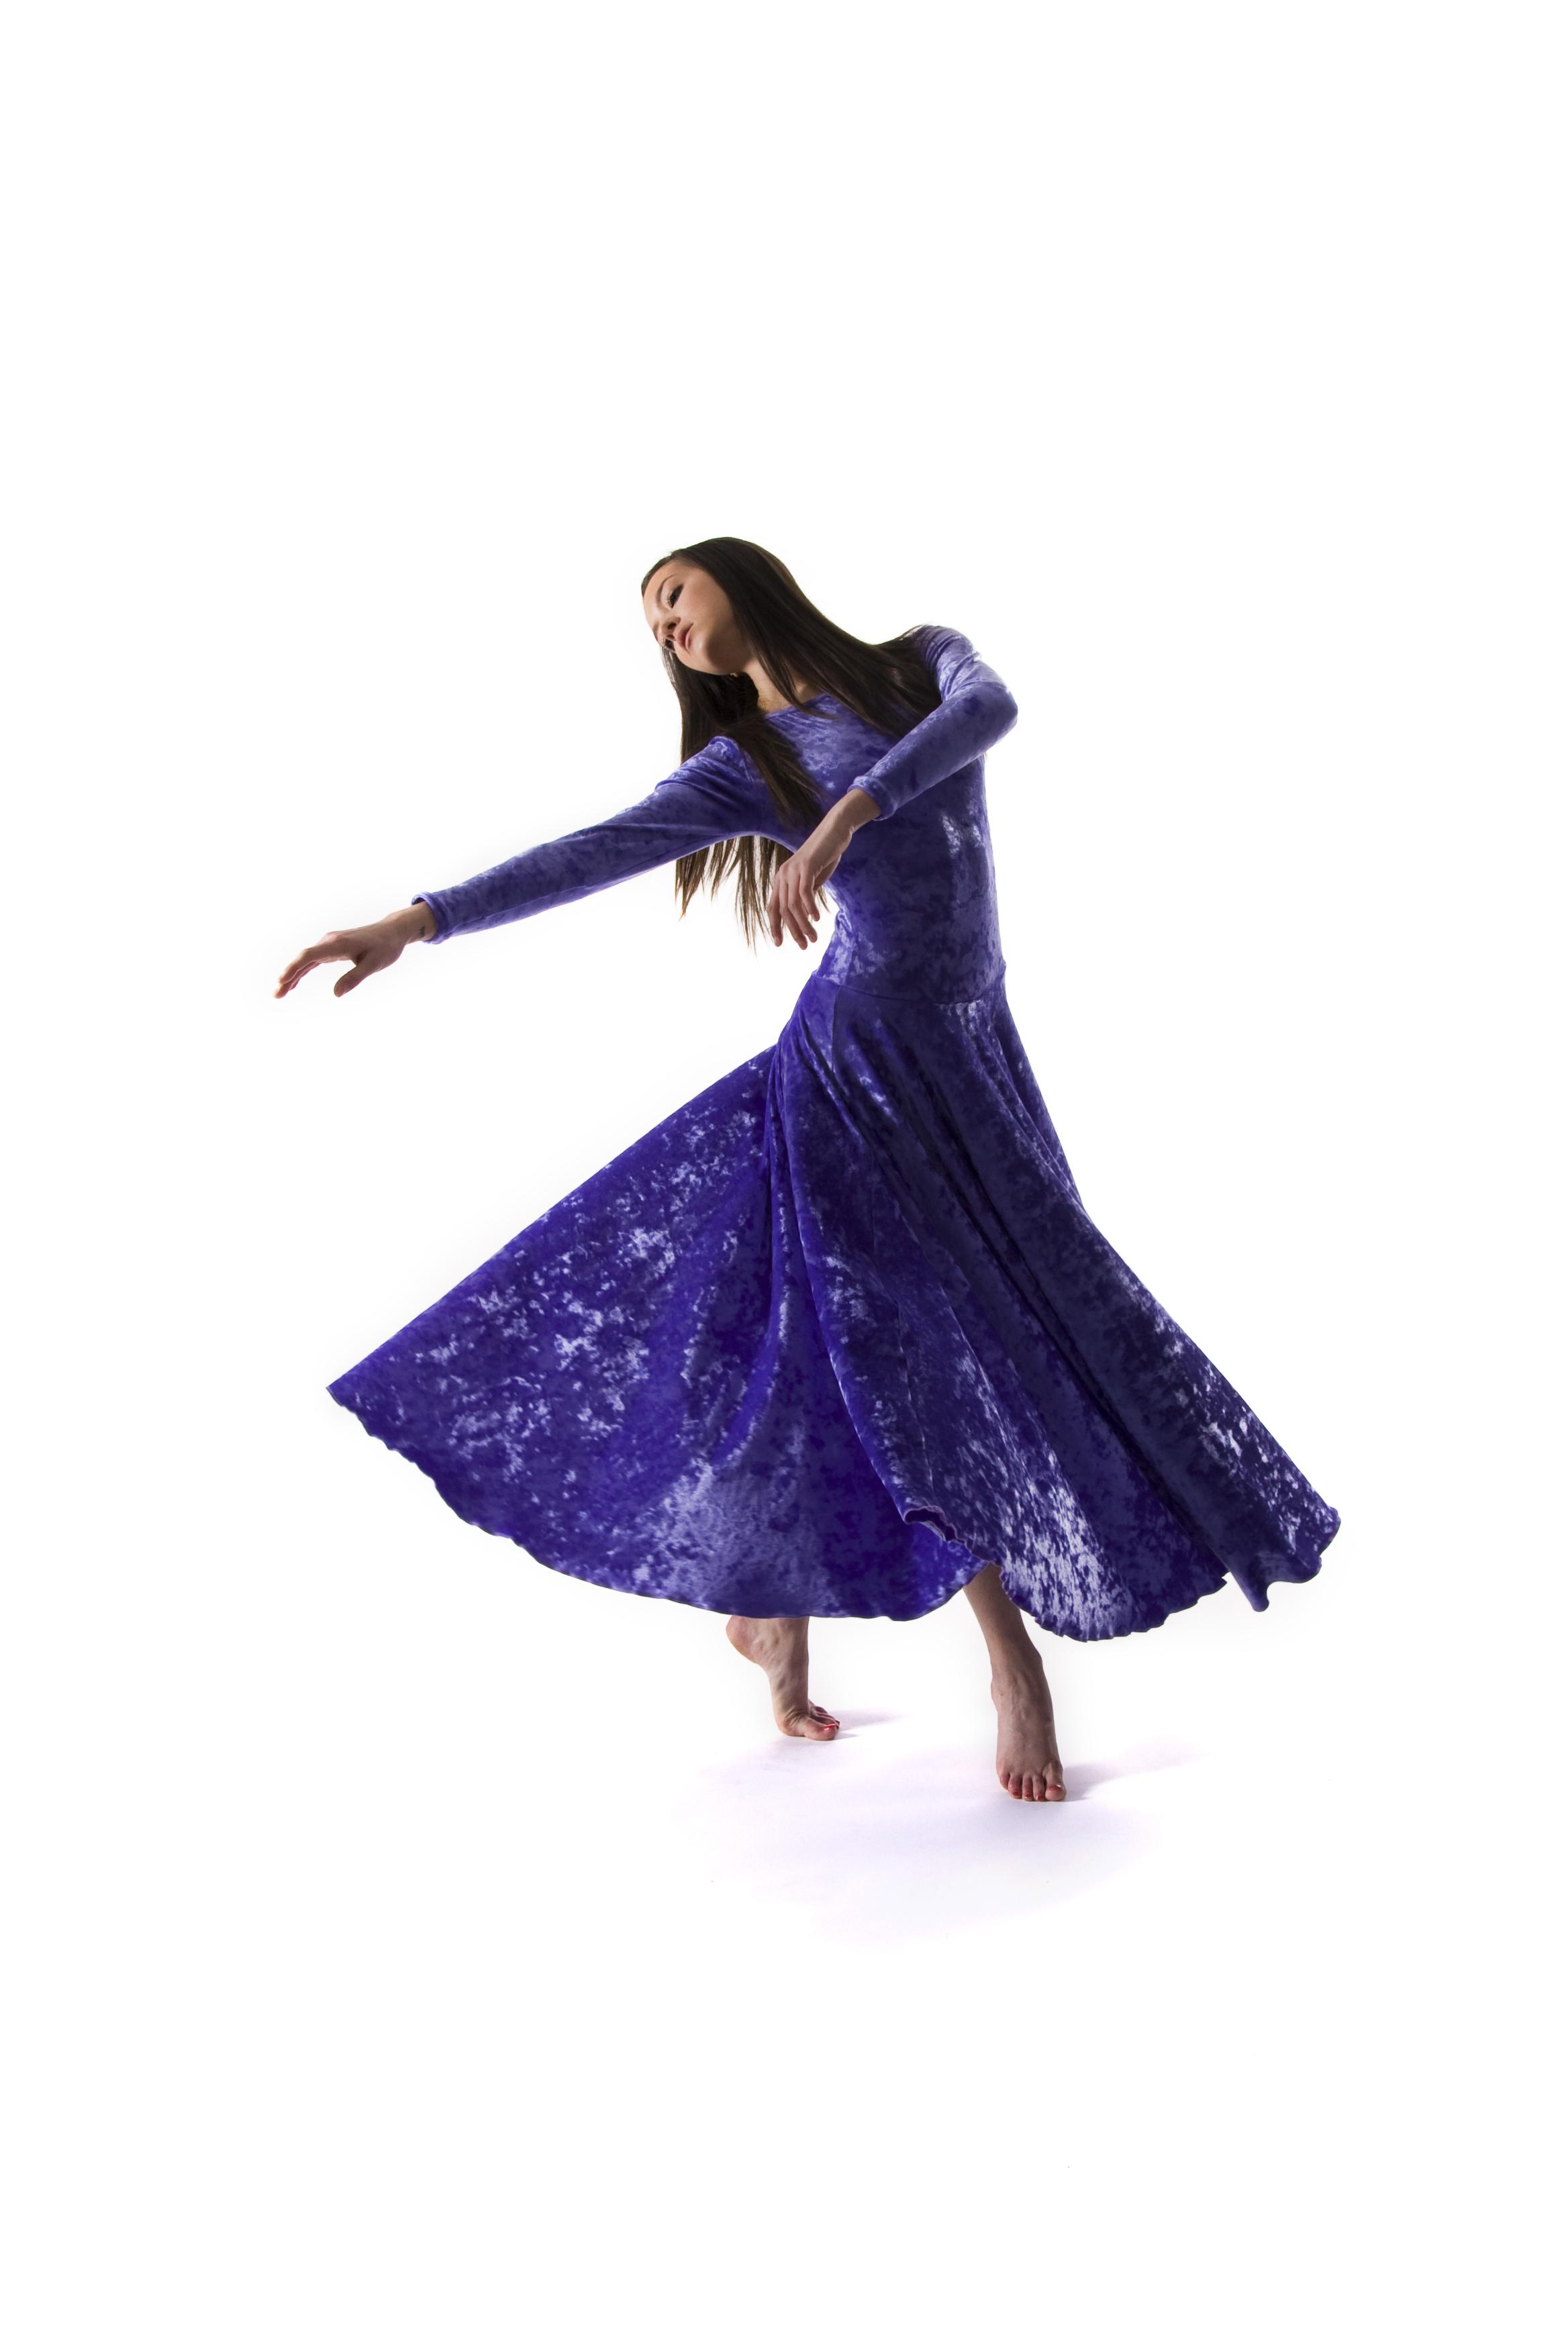 Dance_039 copy.jpg